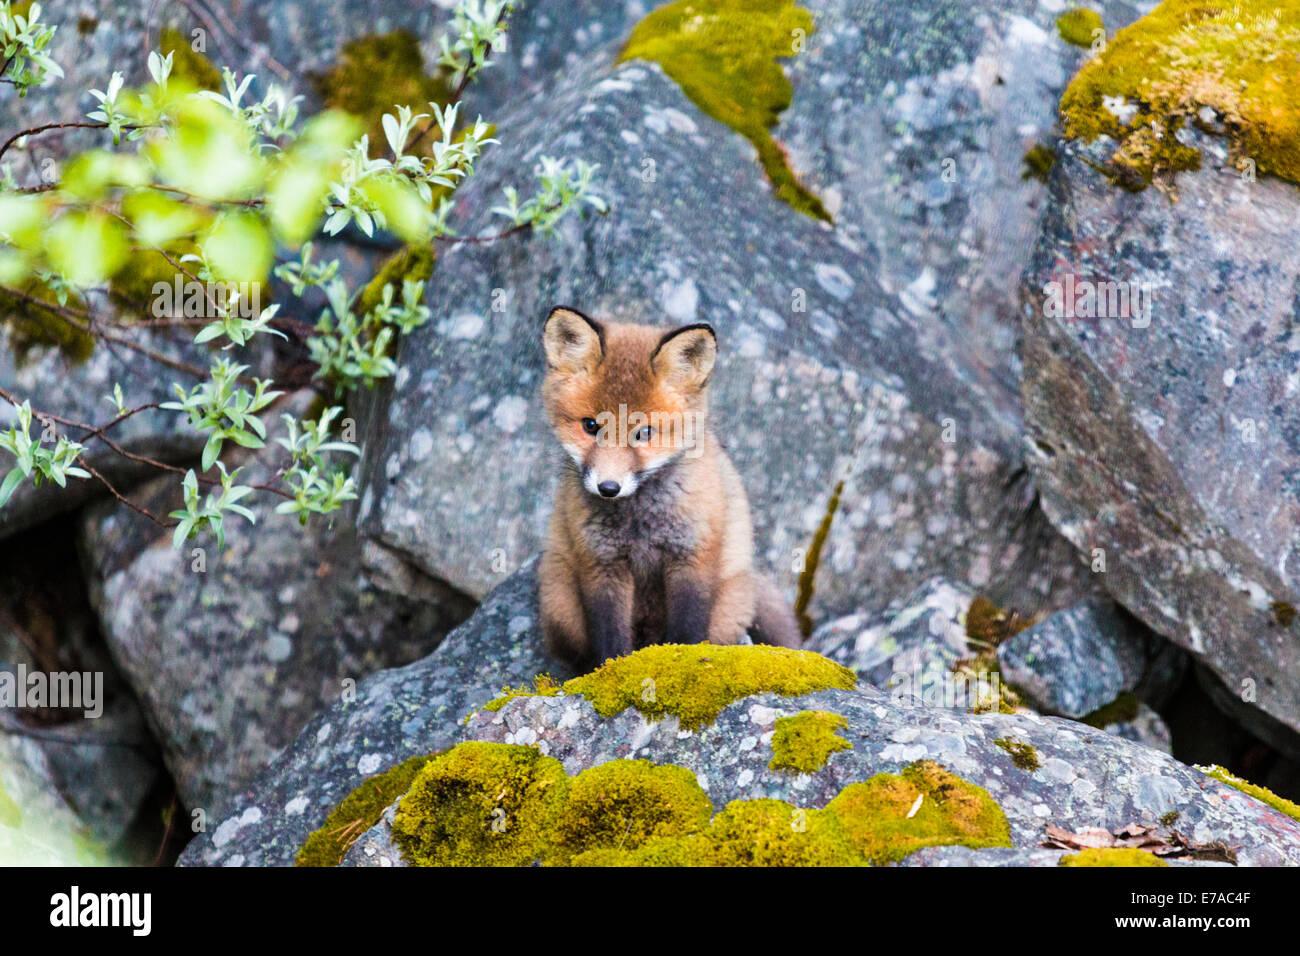 Redfox cucciolo, Vulpes vulpes, guardando fuori dal suo nido, Kvikkjokk, Lapponia svedese, Svezia Immagini Stock